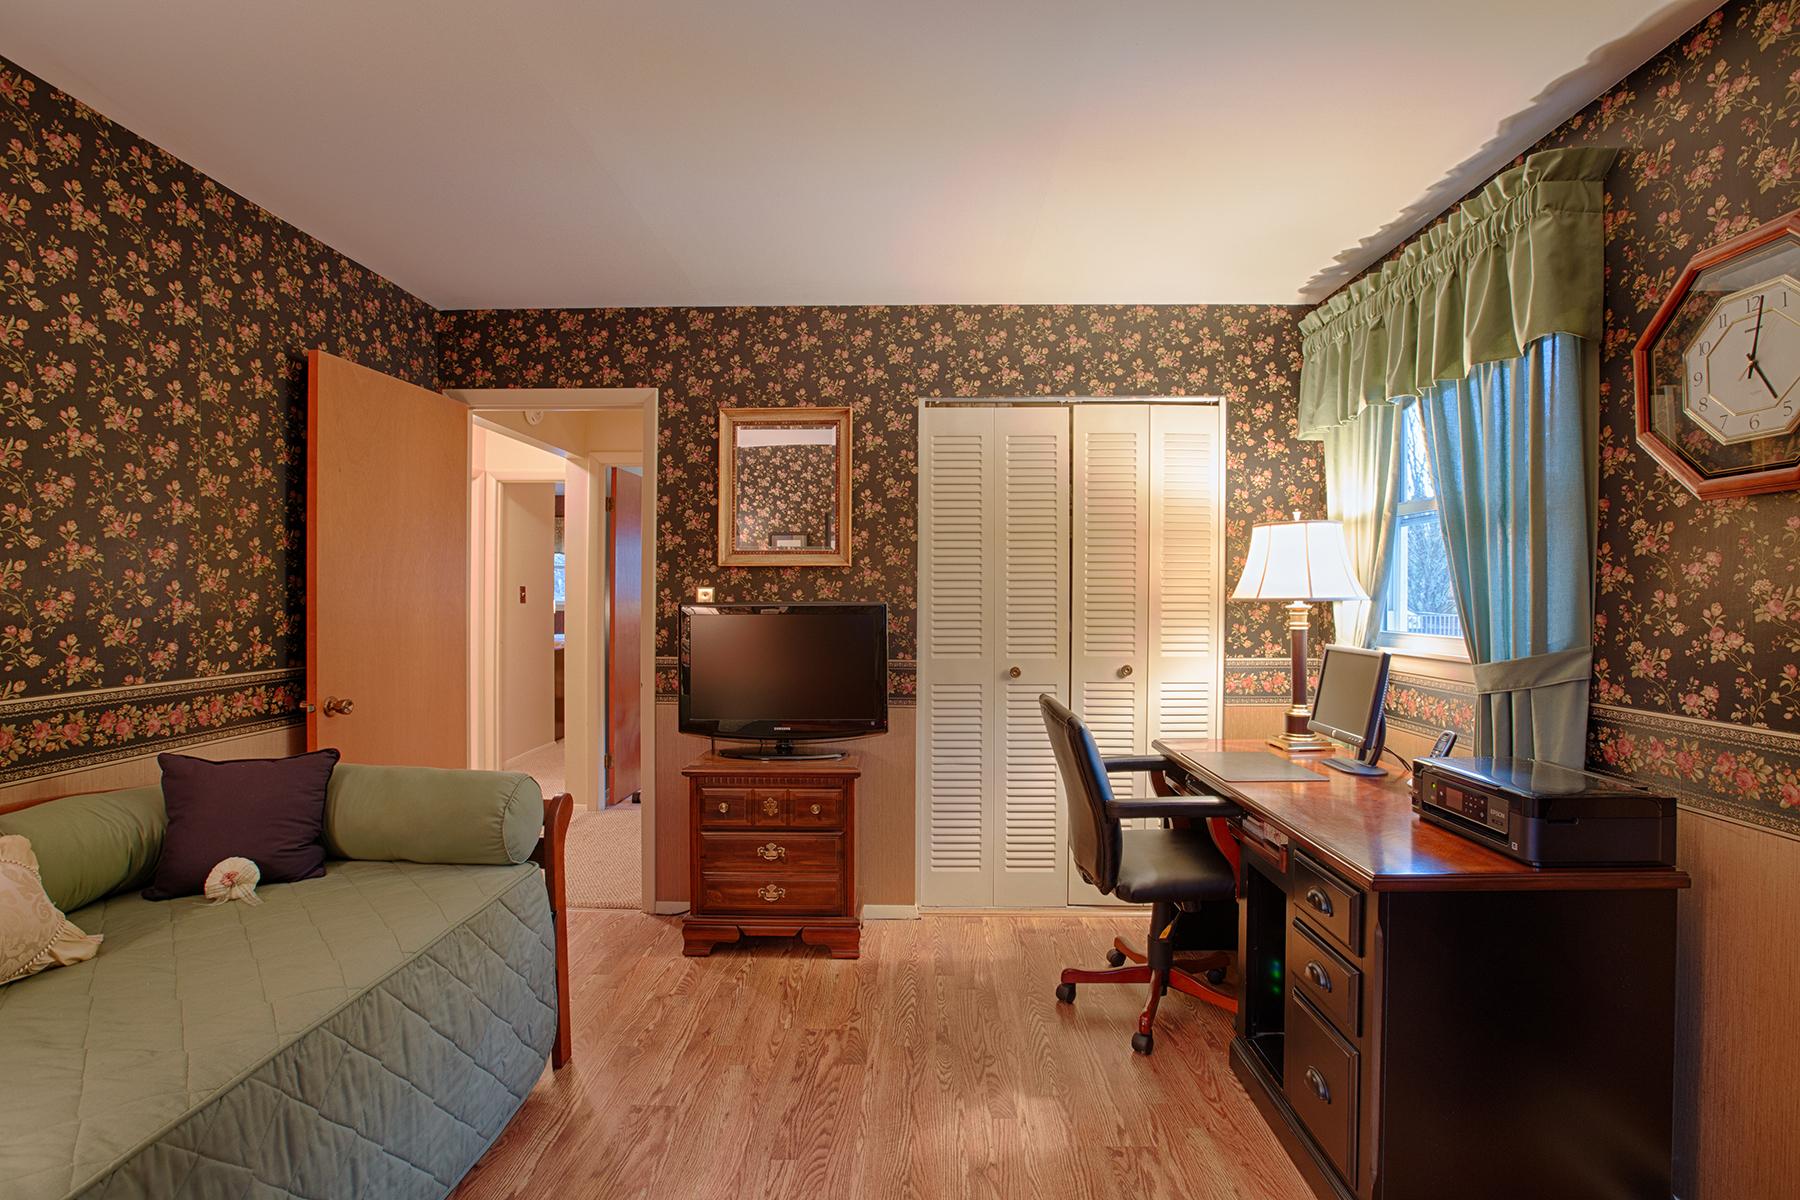 019 EAP Maria Barr 10 Lexington Rd Saratoga Springs crest 25.jpg